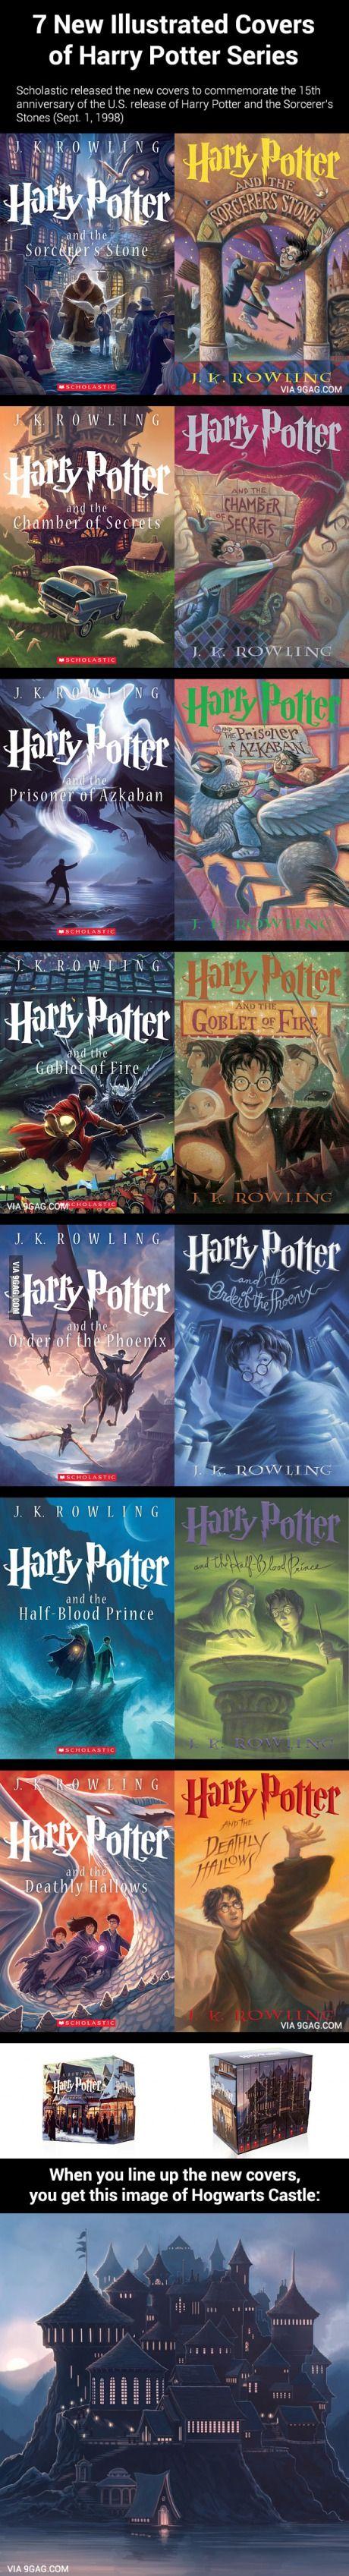 7 New Illustrated Covers of Harry Potter Series... PLEEEAAASSE.